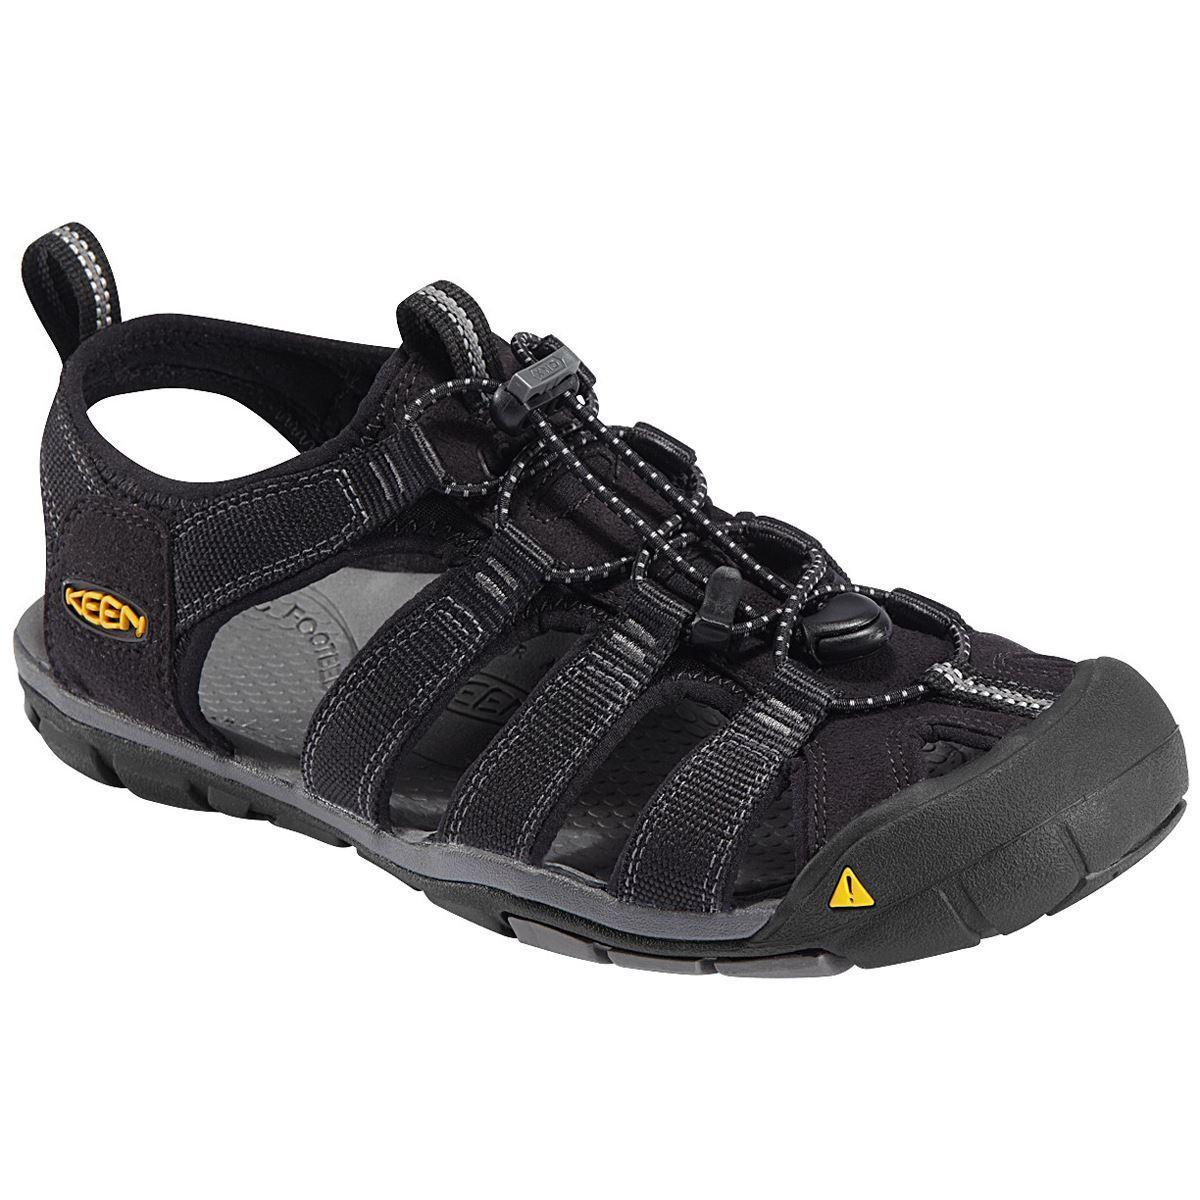 Keen Clearwater CNX nero Mens  Comfort Outdoor Sandals  caldo